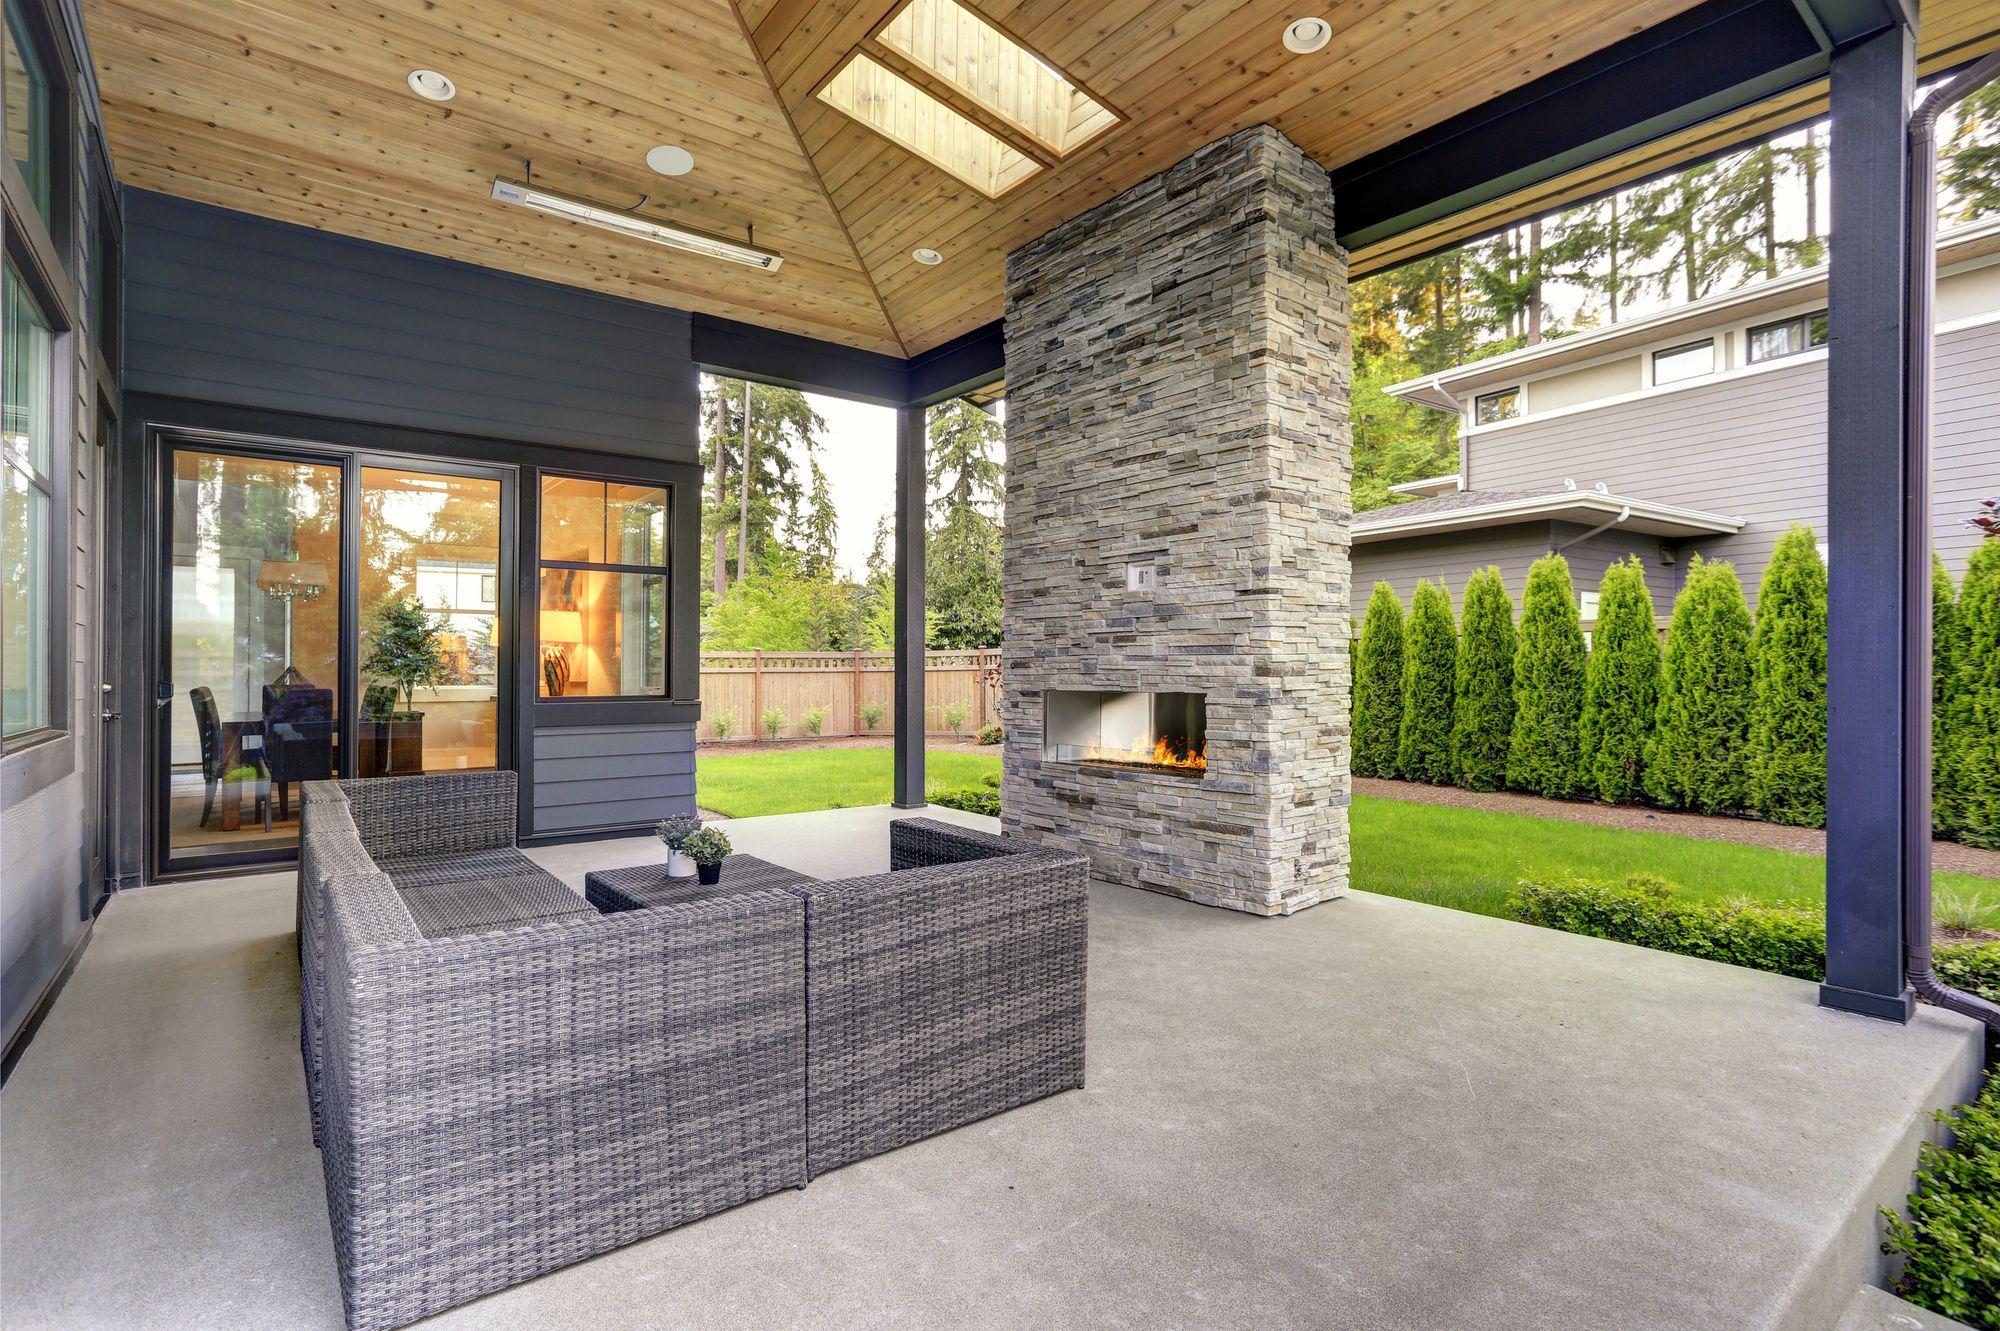 How much does a Concrete Patio Cost? | Arlington Concrete